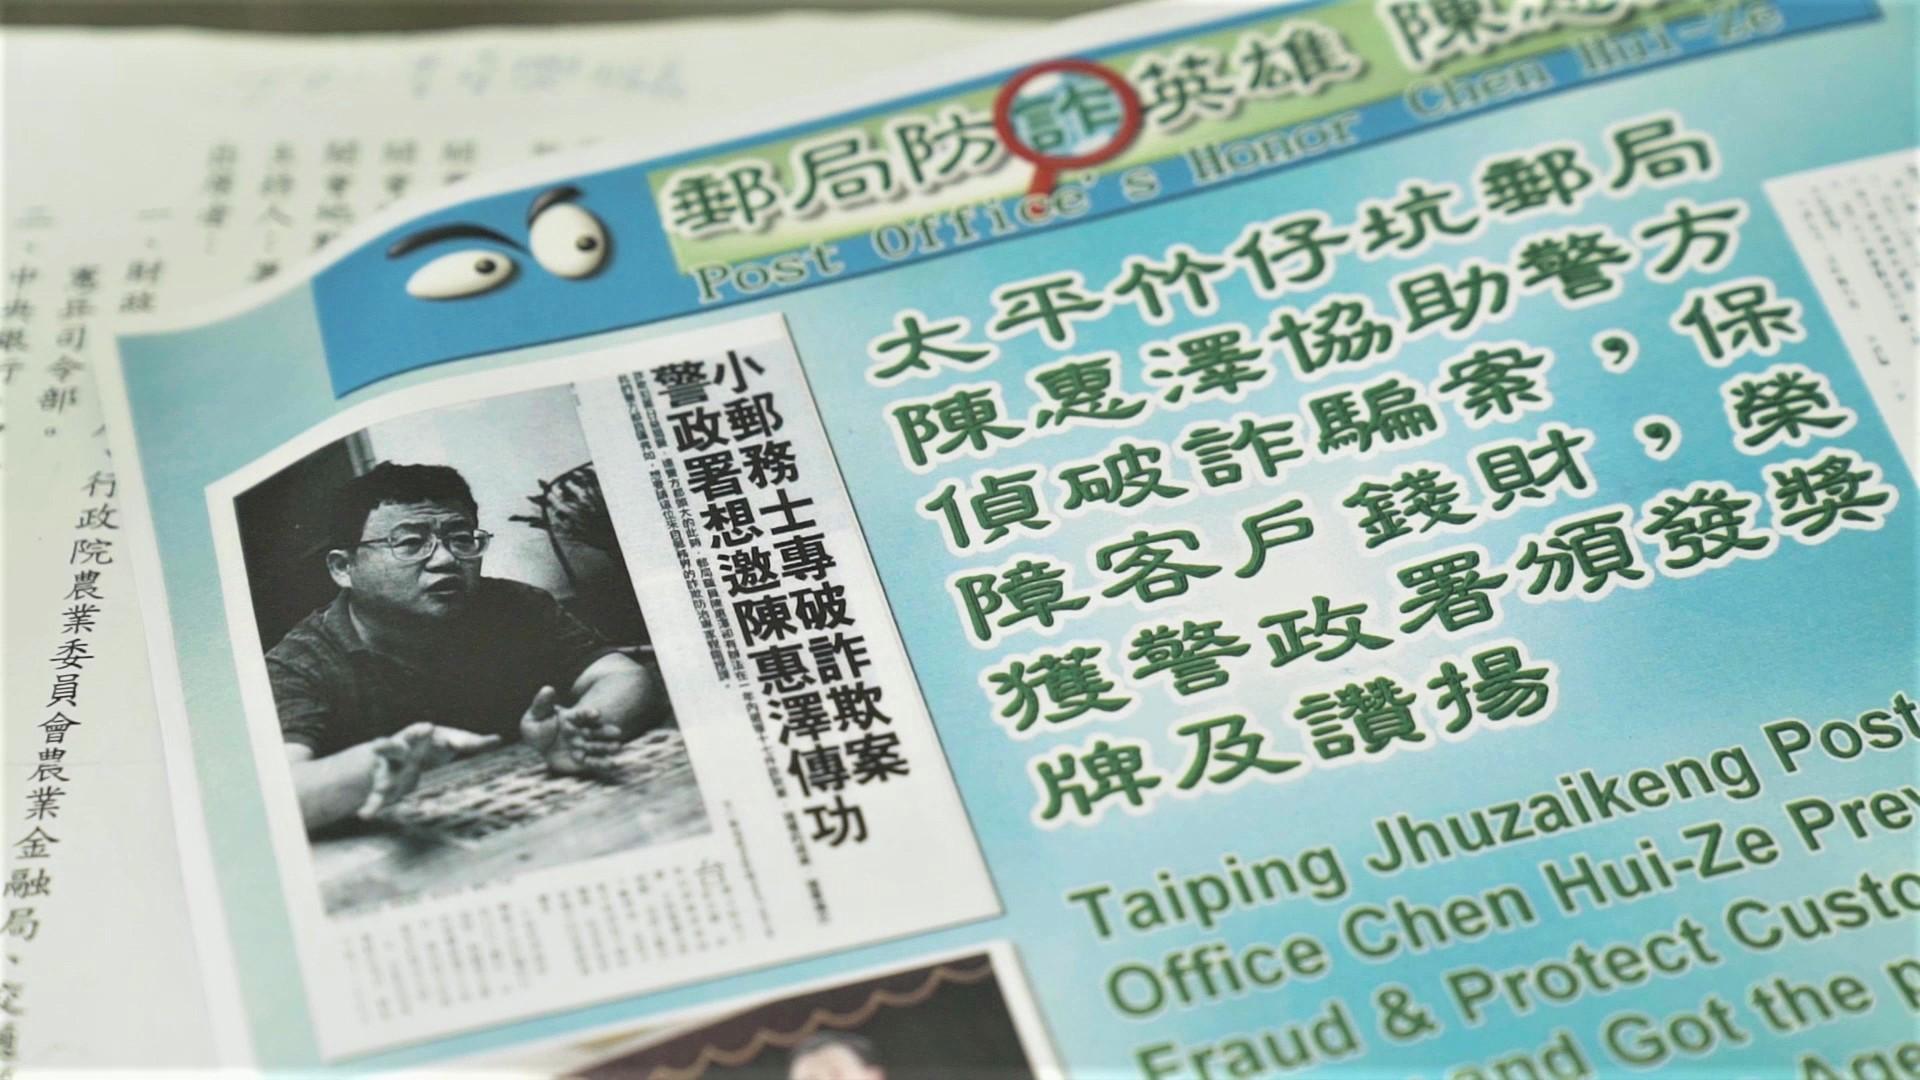 陳惠澤協助警方偵破詐騙案,保障郵局客戶錢財,受表揚。